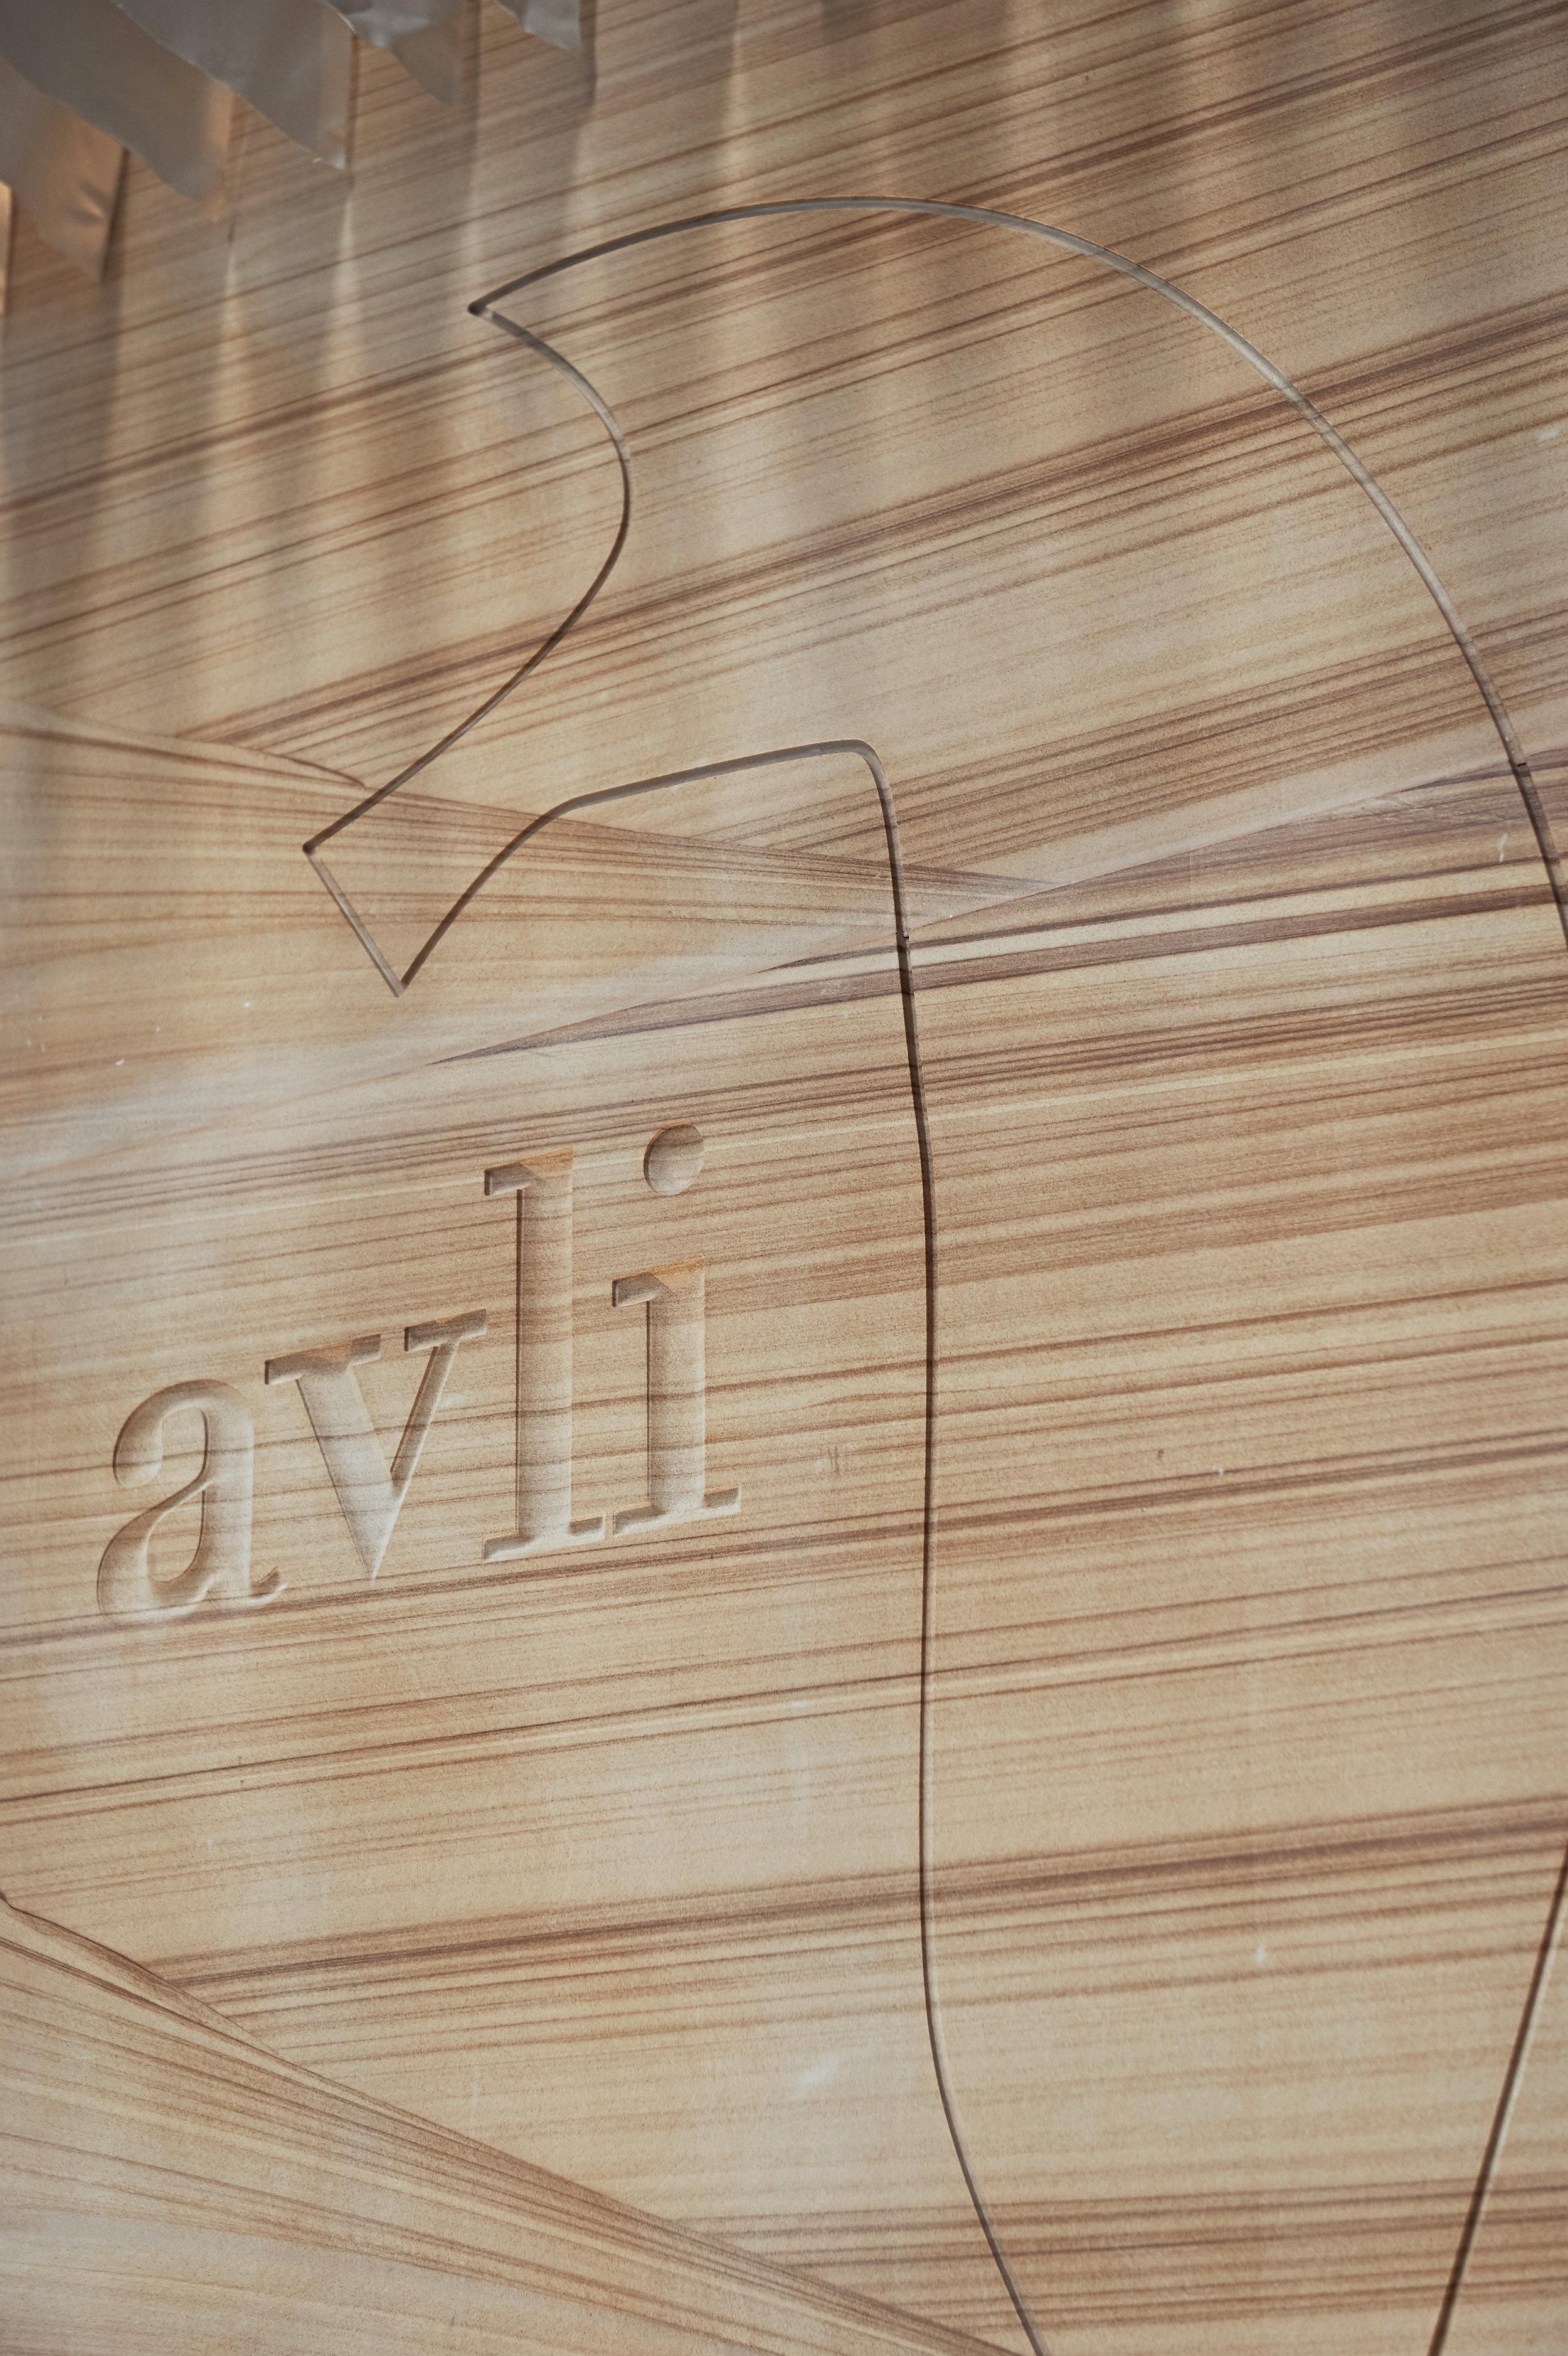 AVLI-030.jpg